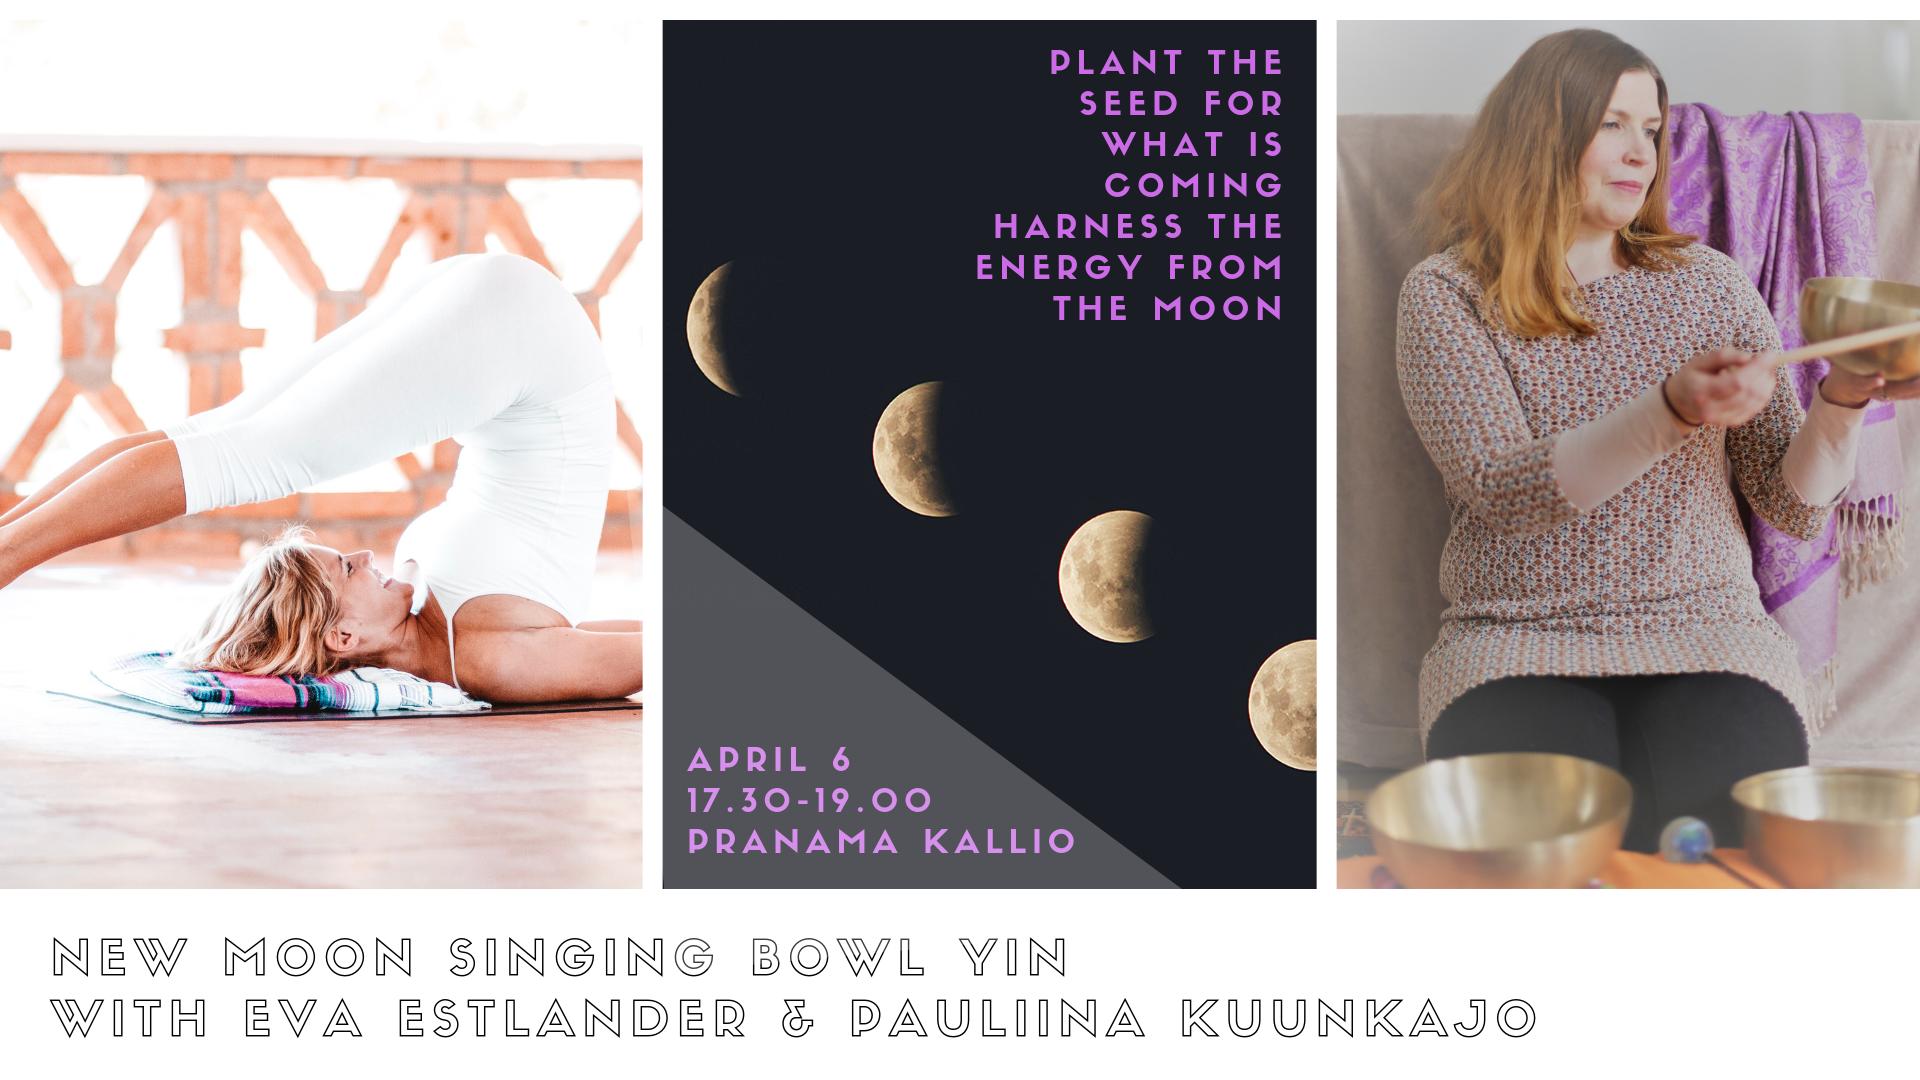 new moon singing bowl yin.png